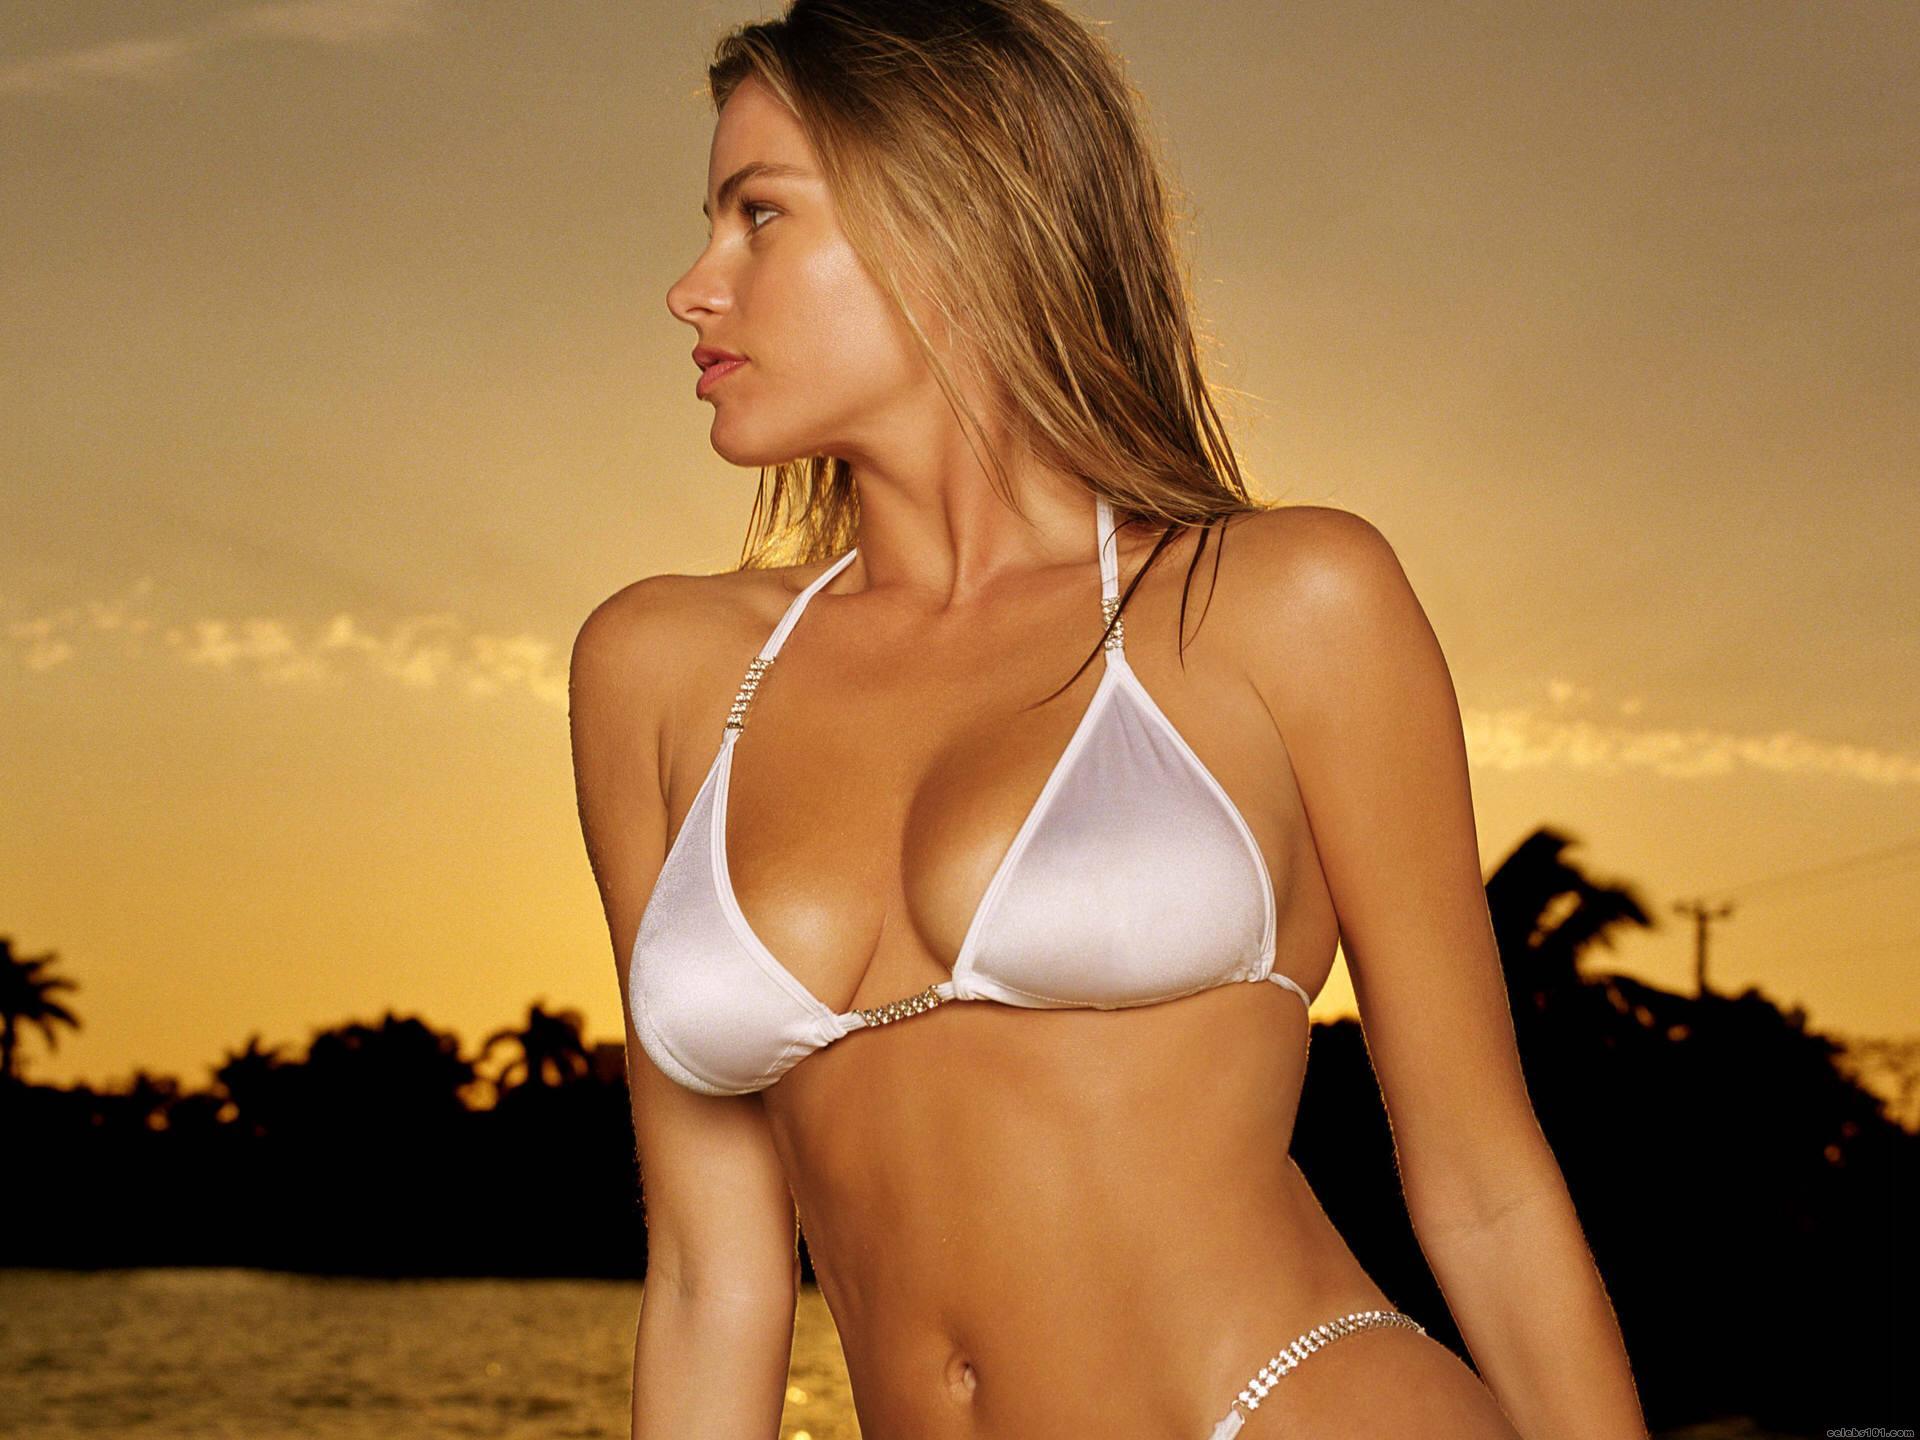 Фото девушек в белых купальниках 10 фотография